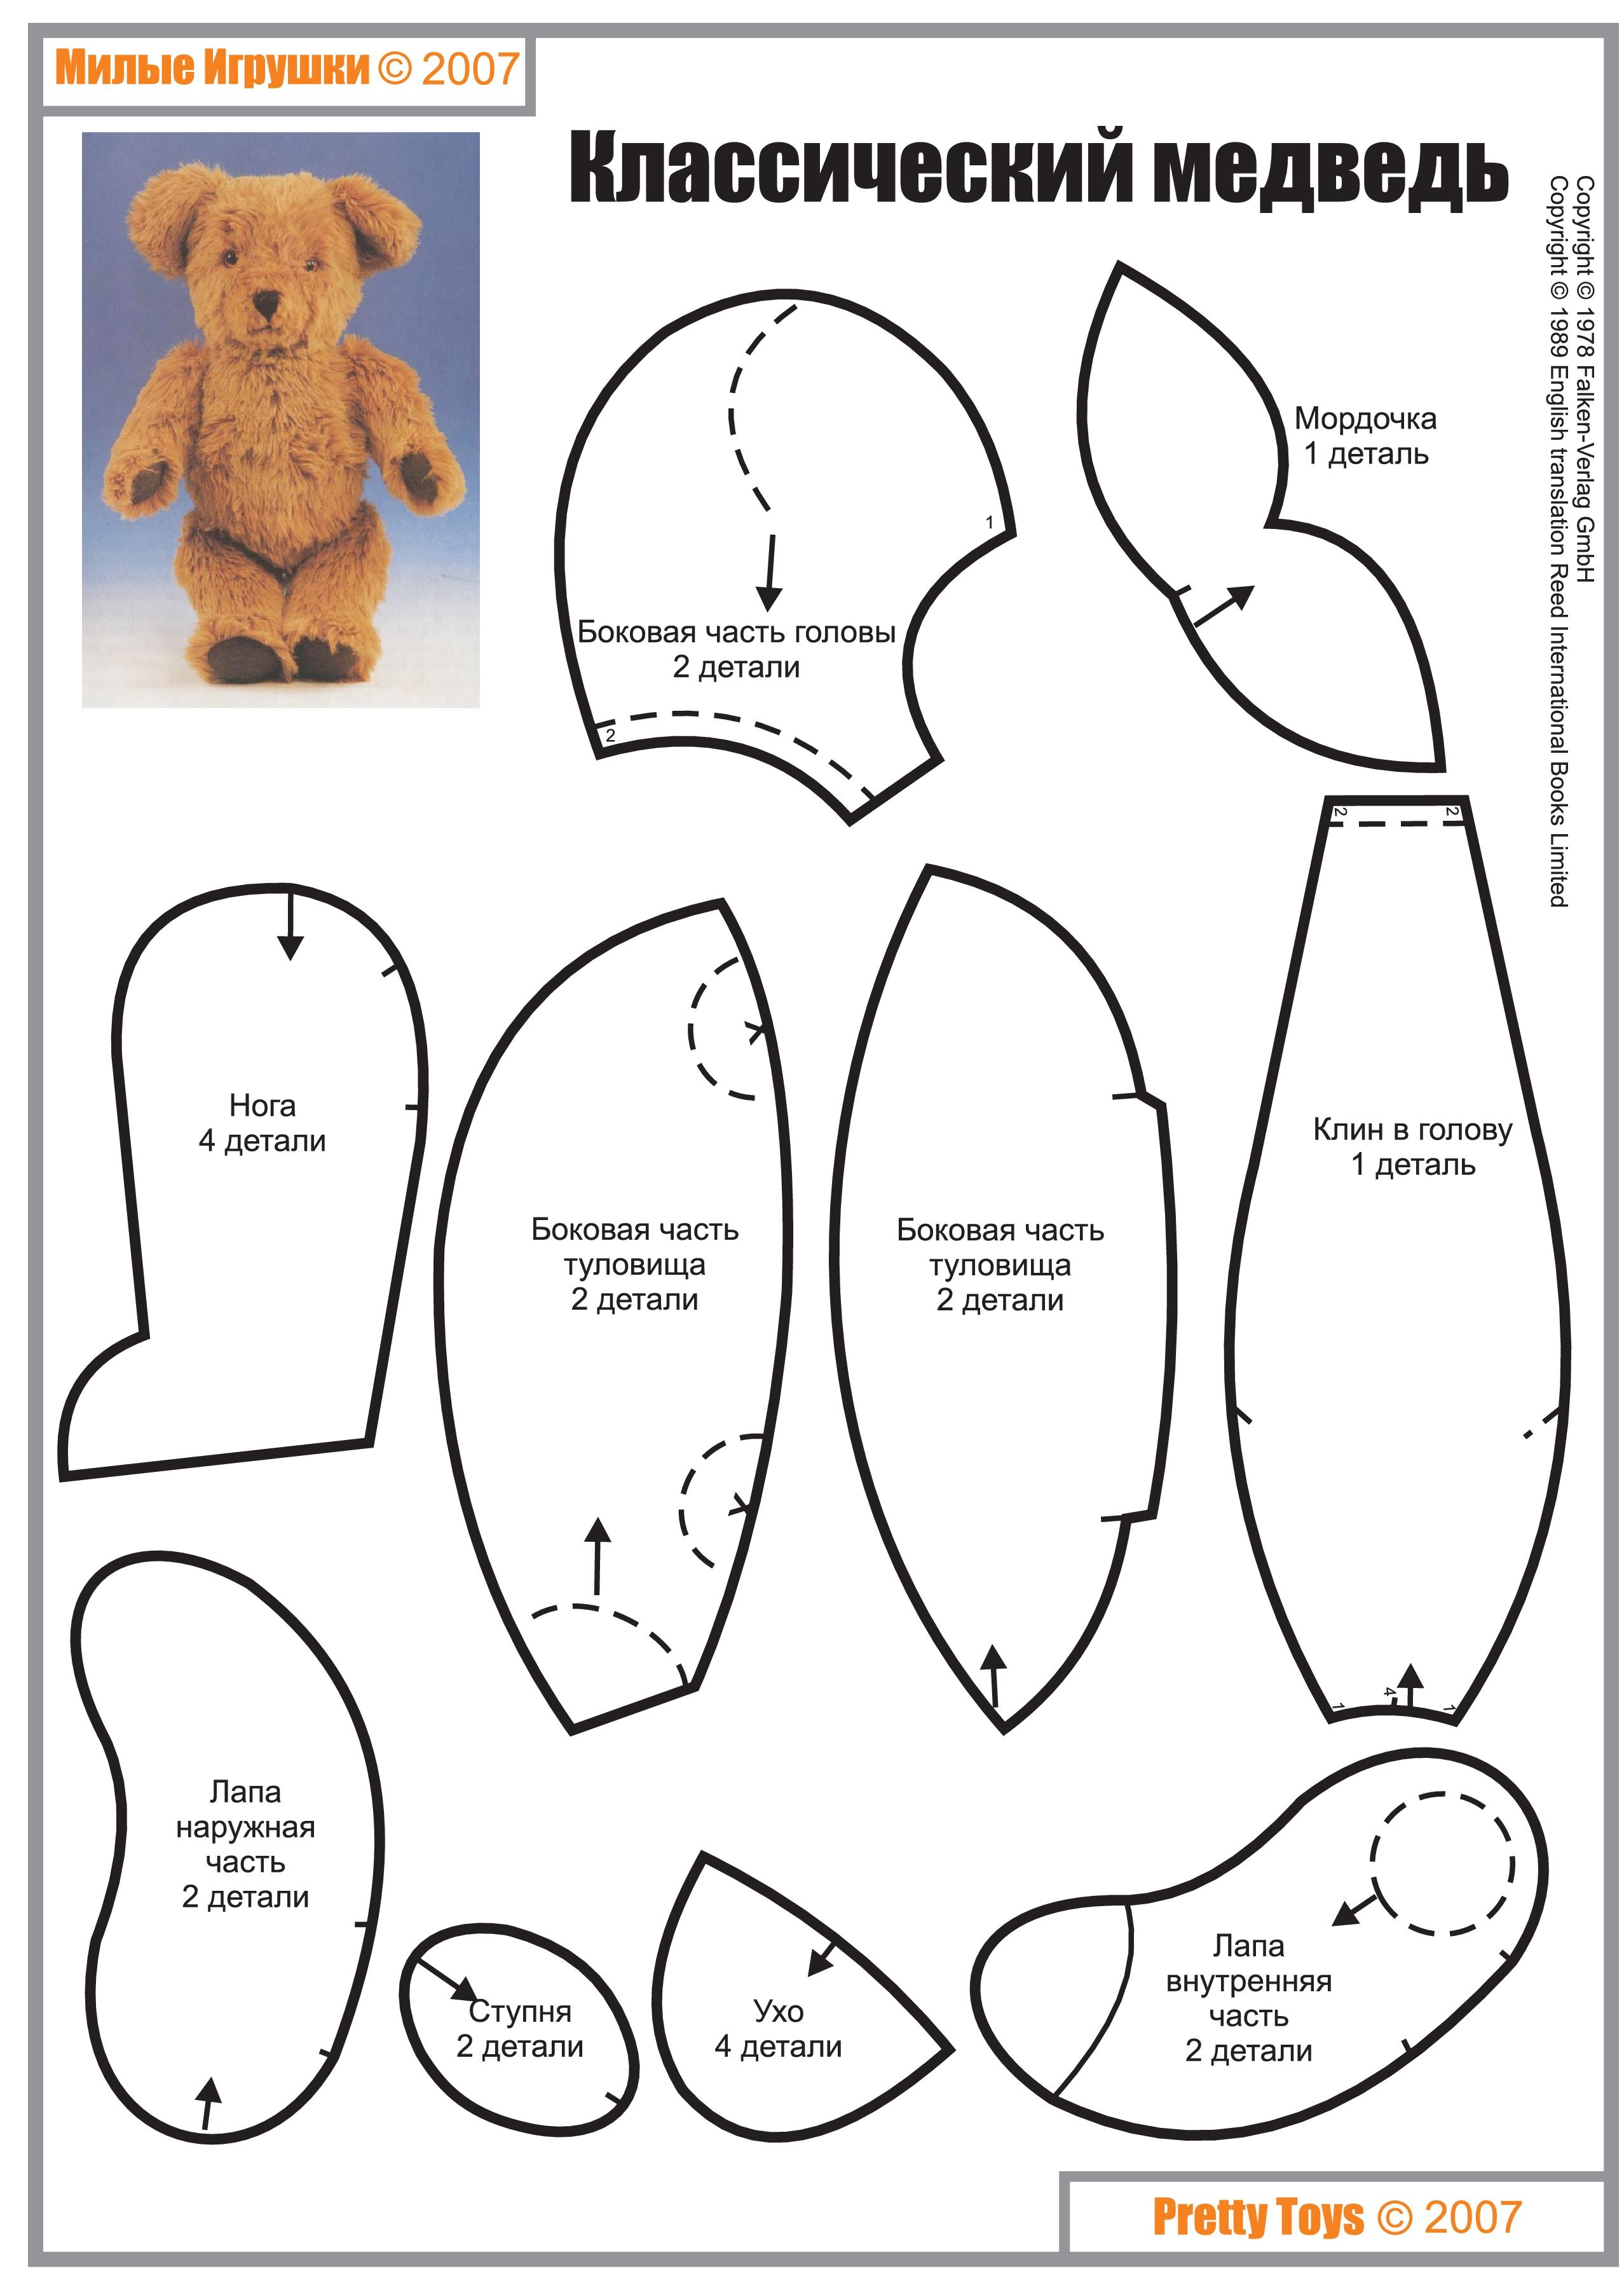 Миниатюрные игрушки выкройки своими руками